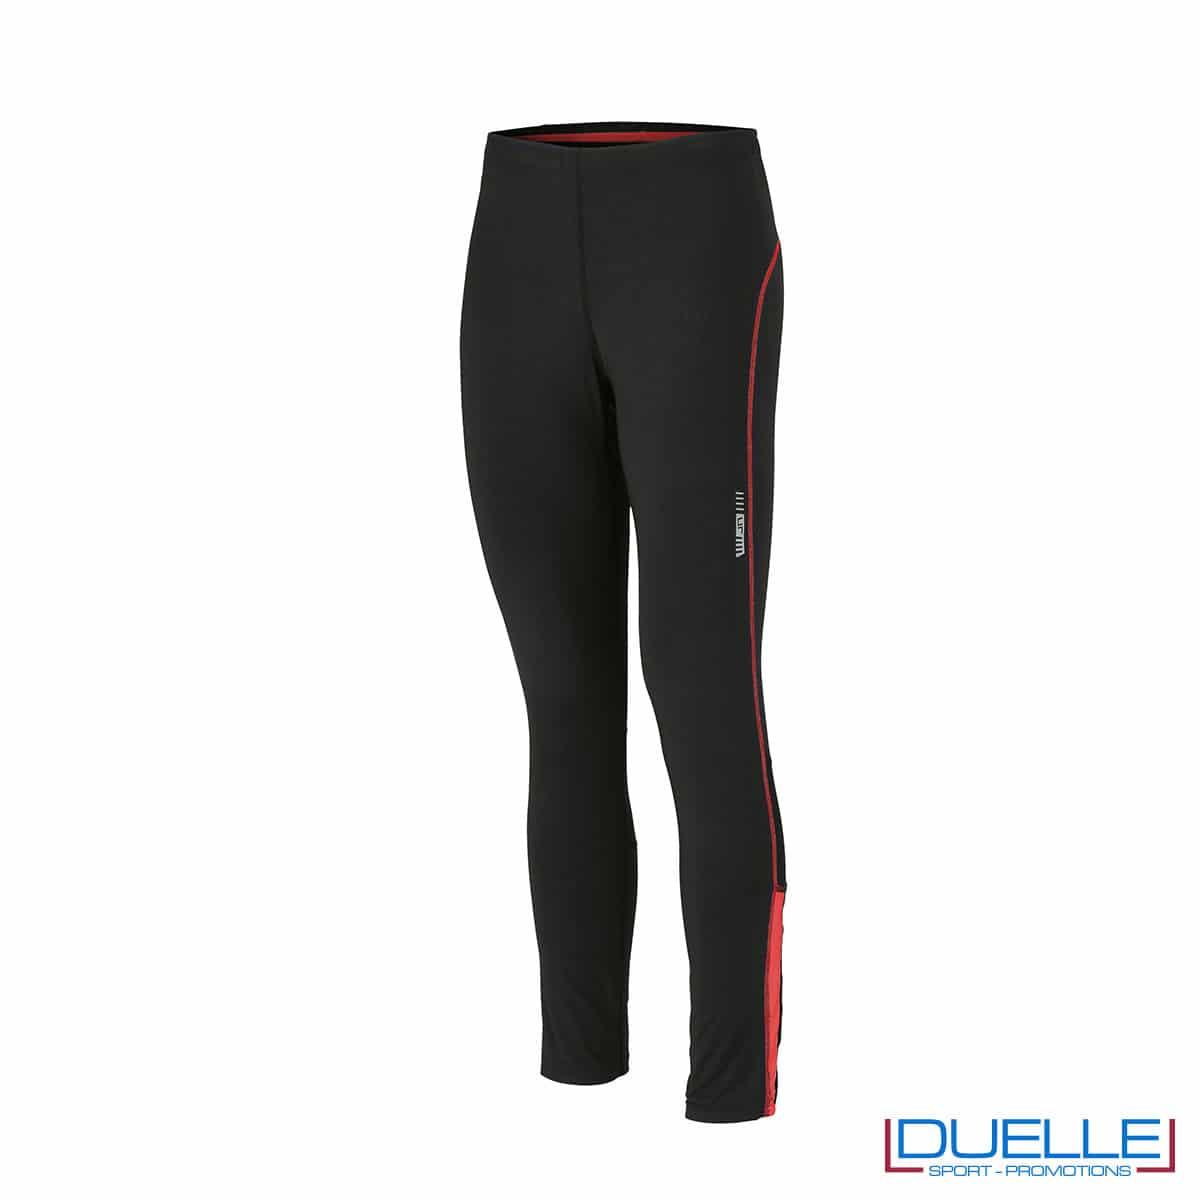 Pantaloni running nero /rosso personalizzati